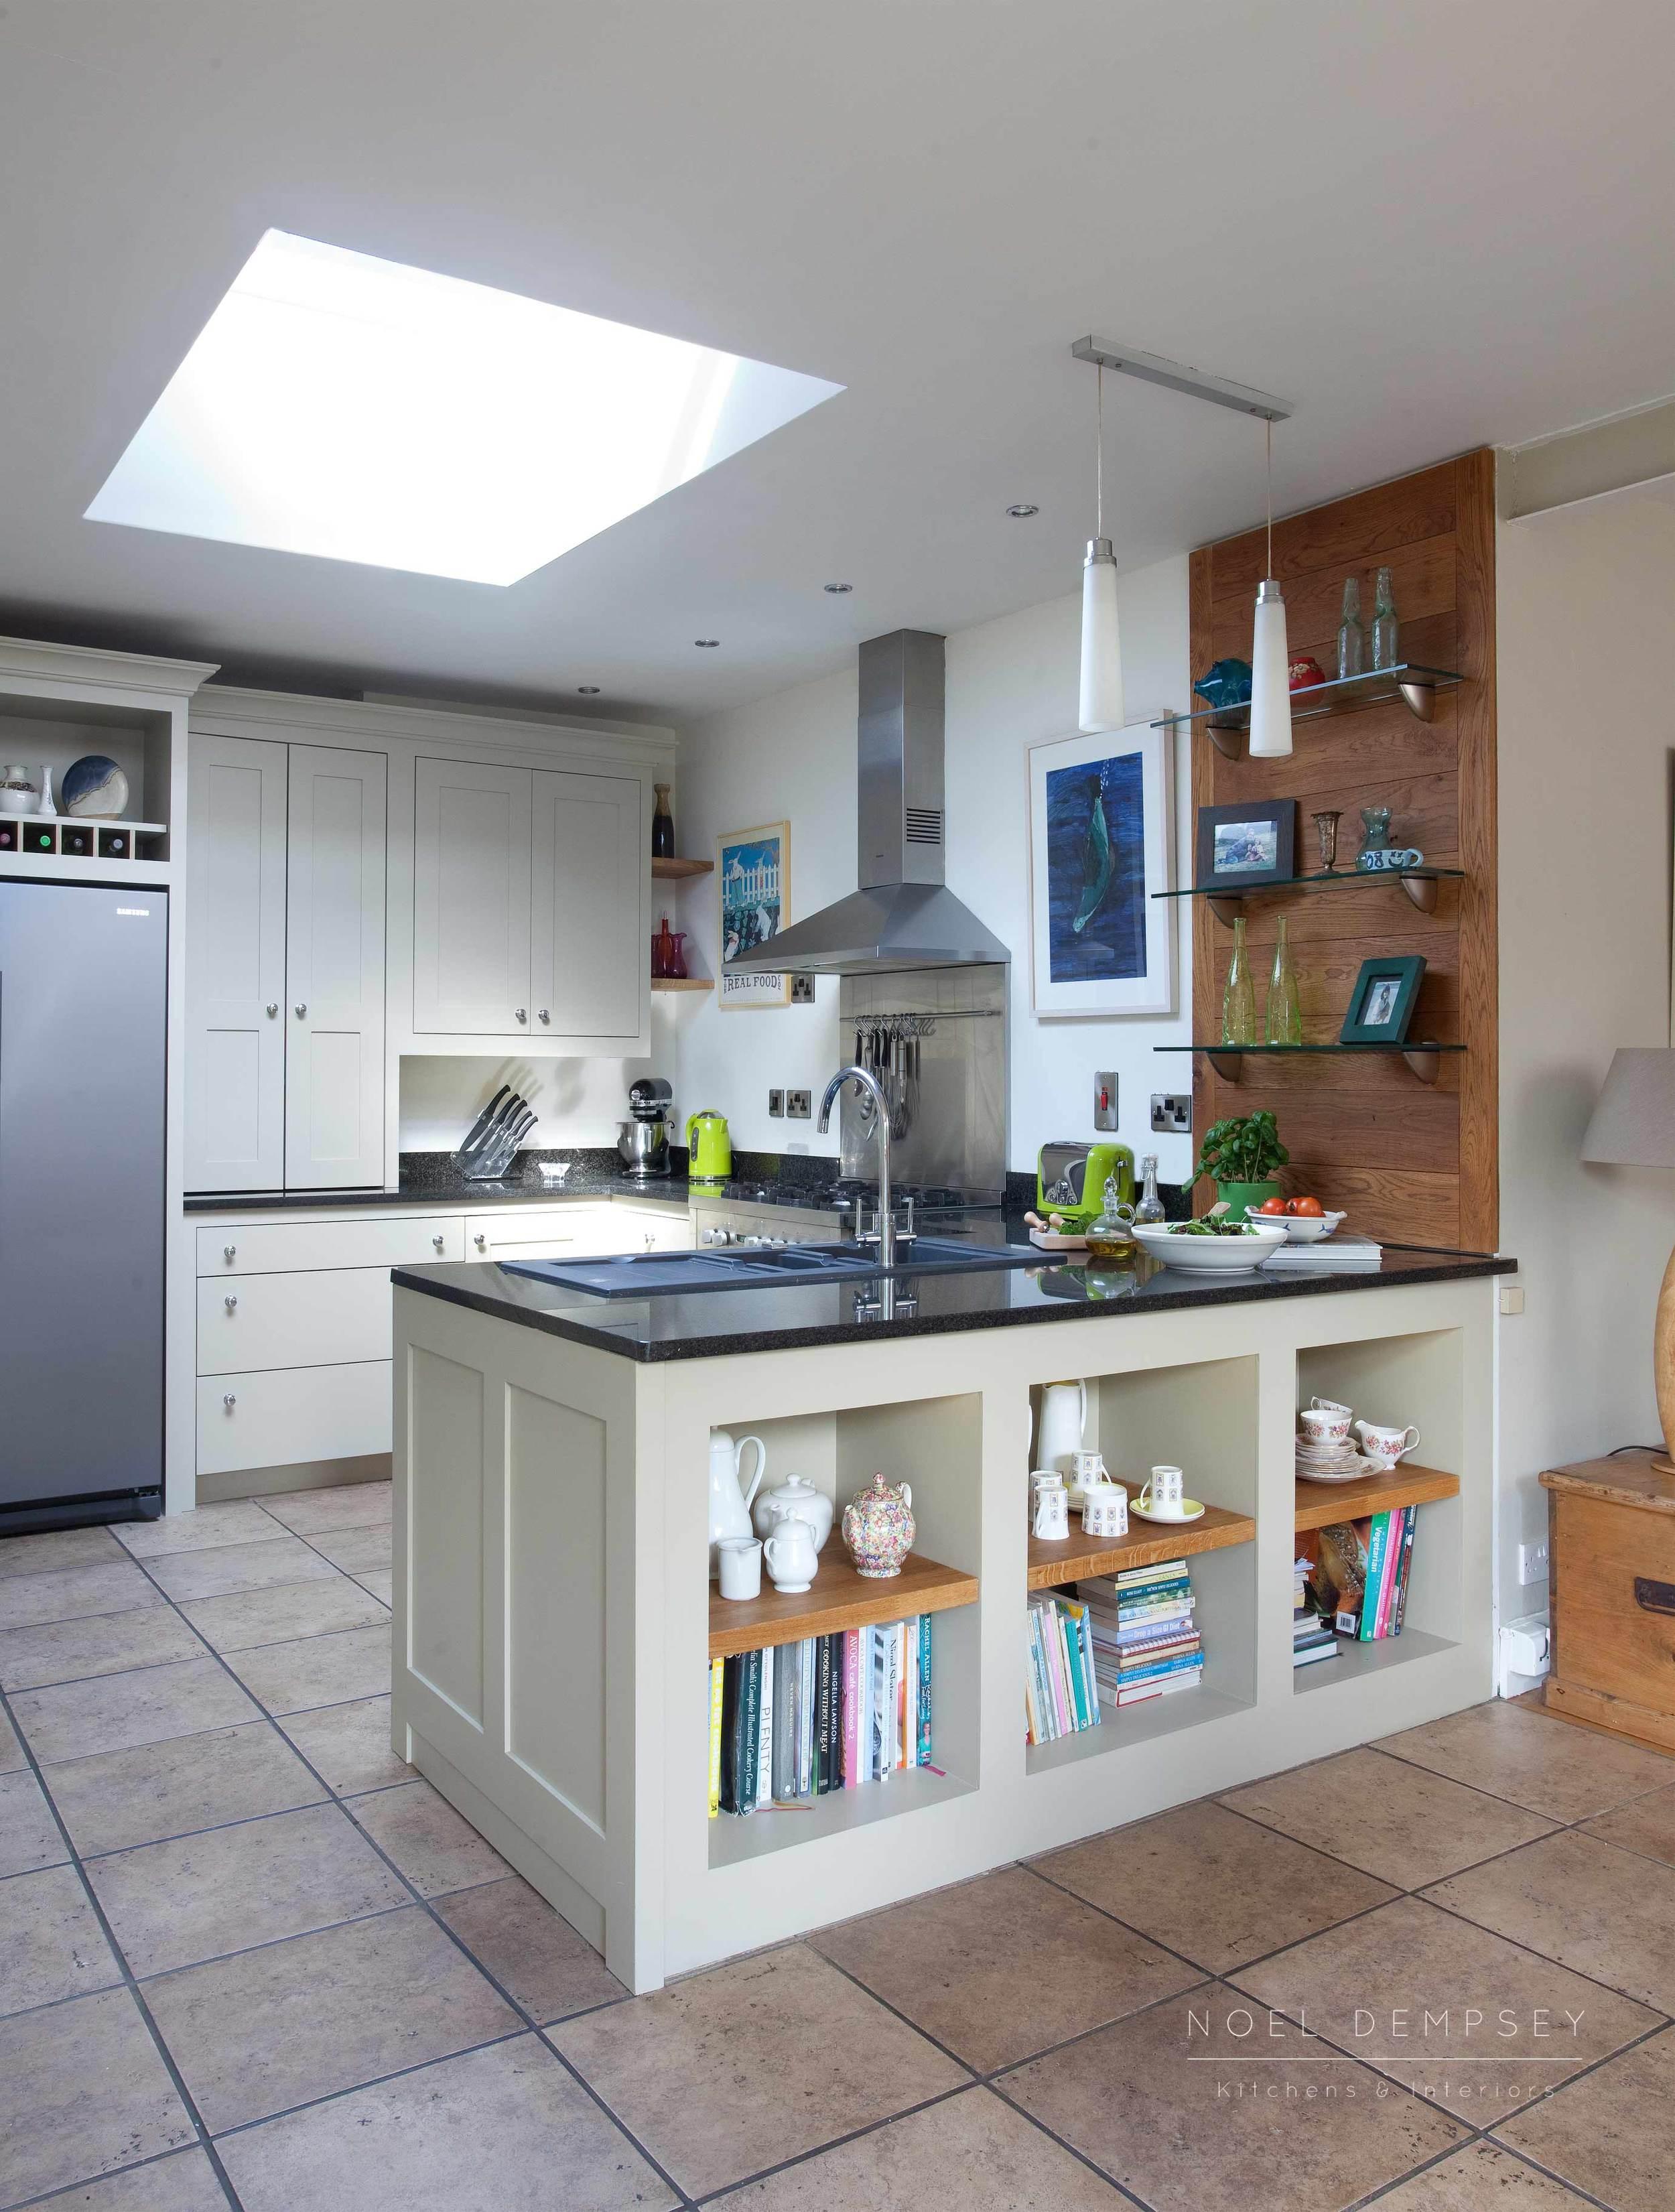 Bellvue-Hand-Painted-Kitchen-2.jpg